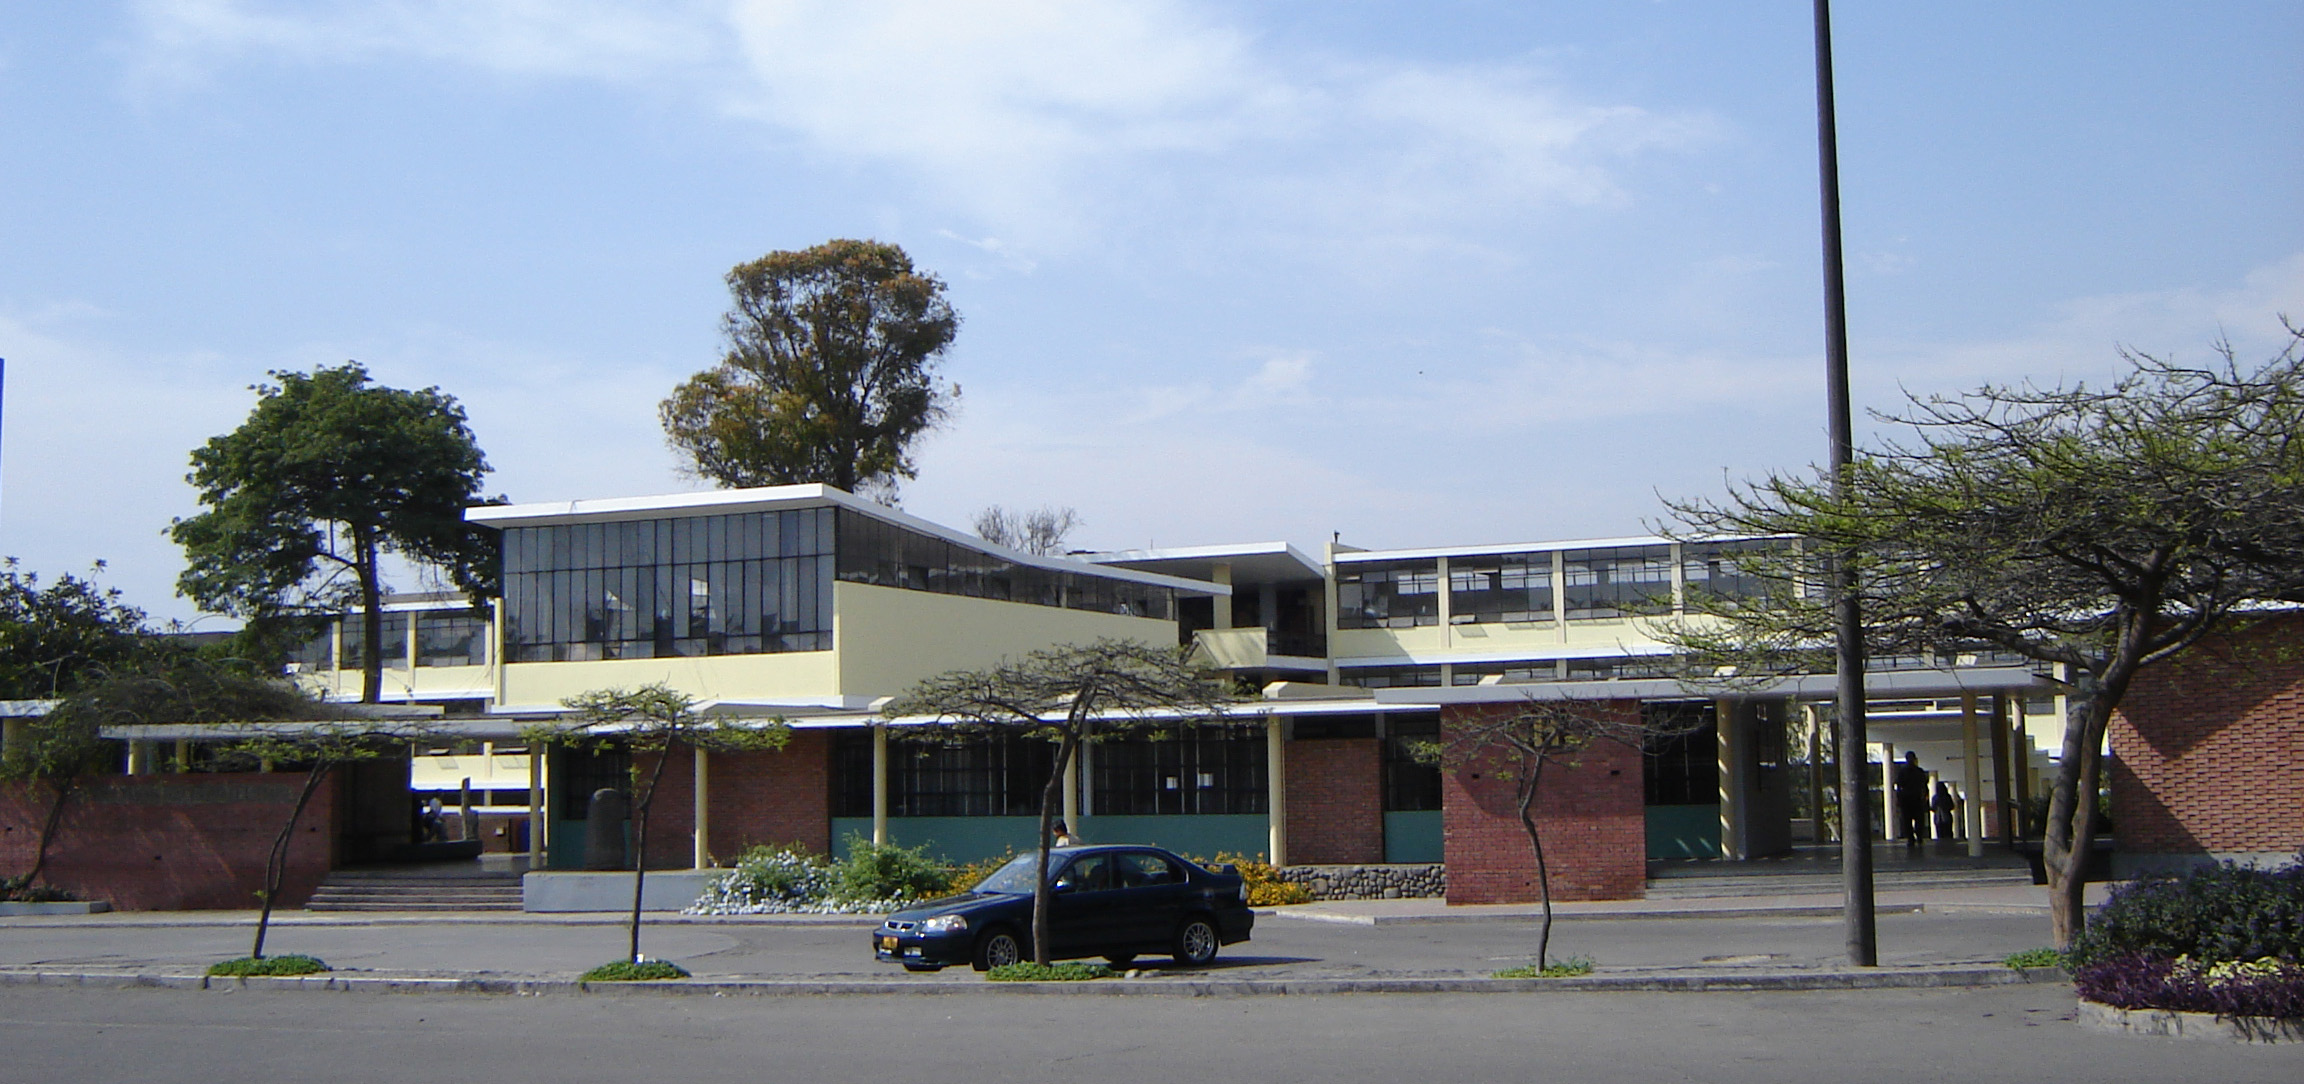 Opiniones de facultad de arquitectura urbanismo y artes for Facultad de arquitectura una